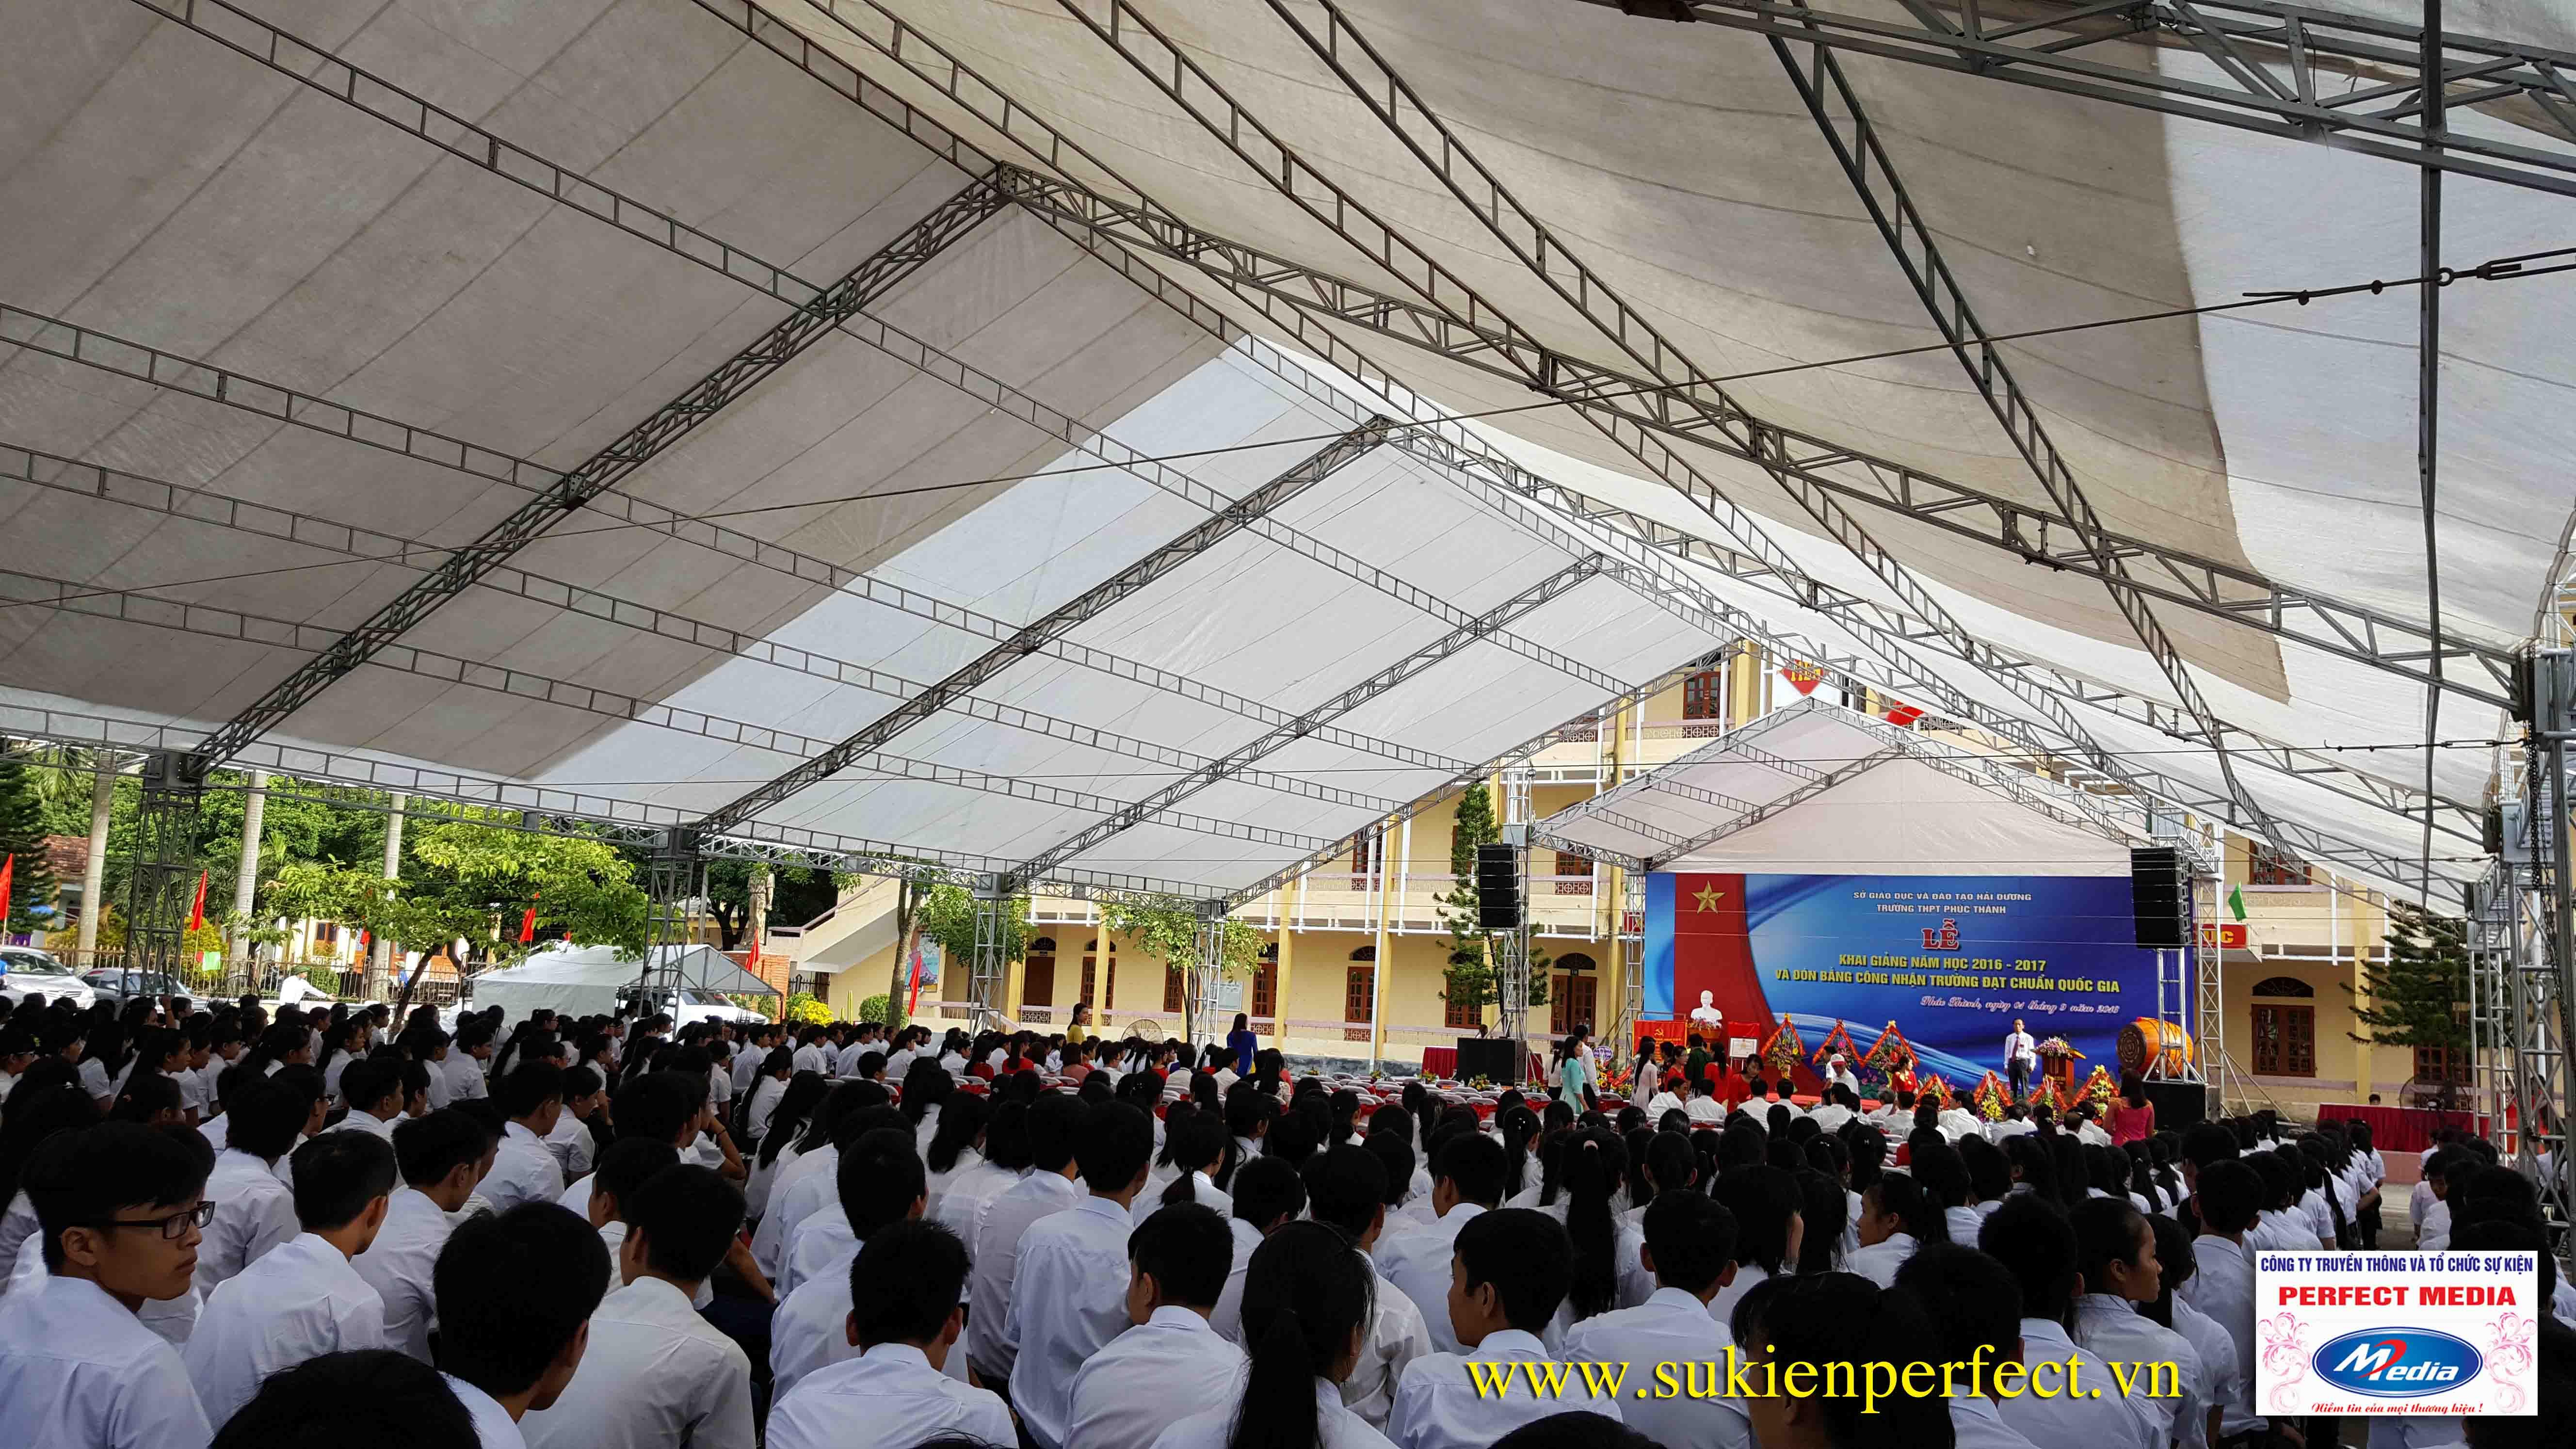 Hình ảnh trong buổi lễ THPT Phúc Thành đón chuẩn Quốc gia 06